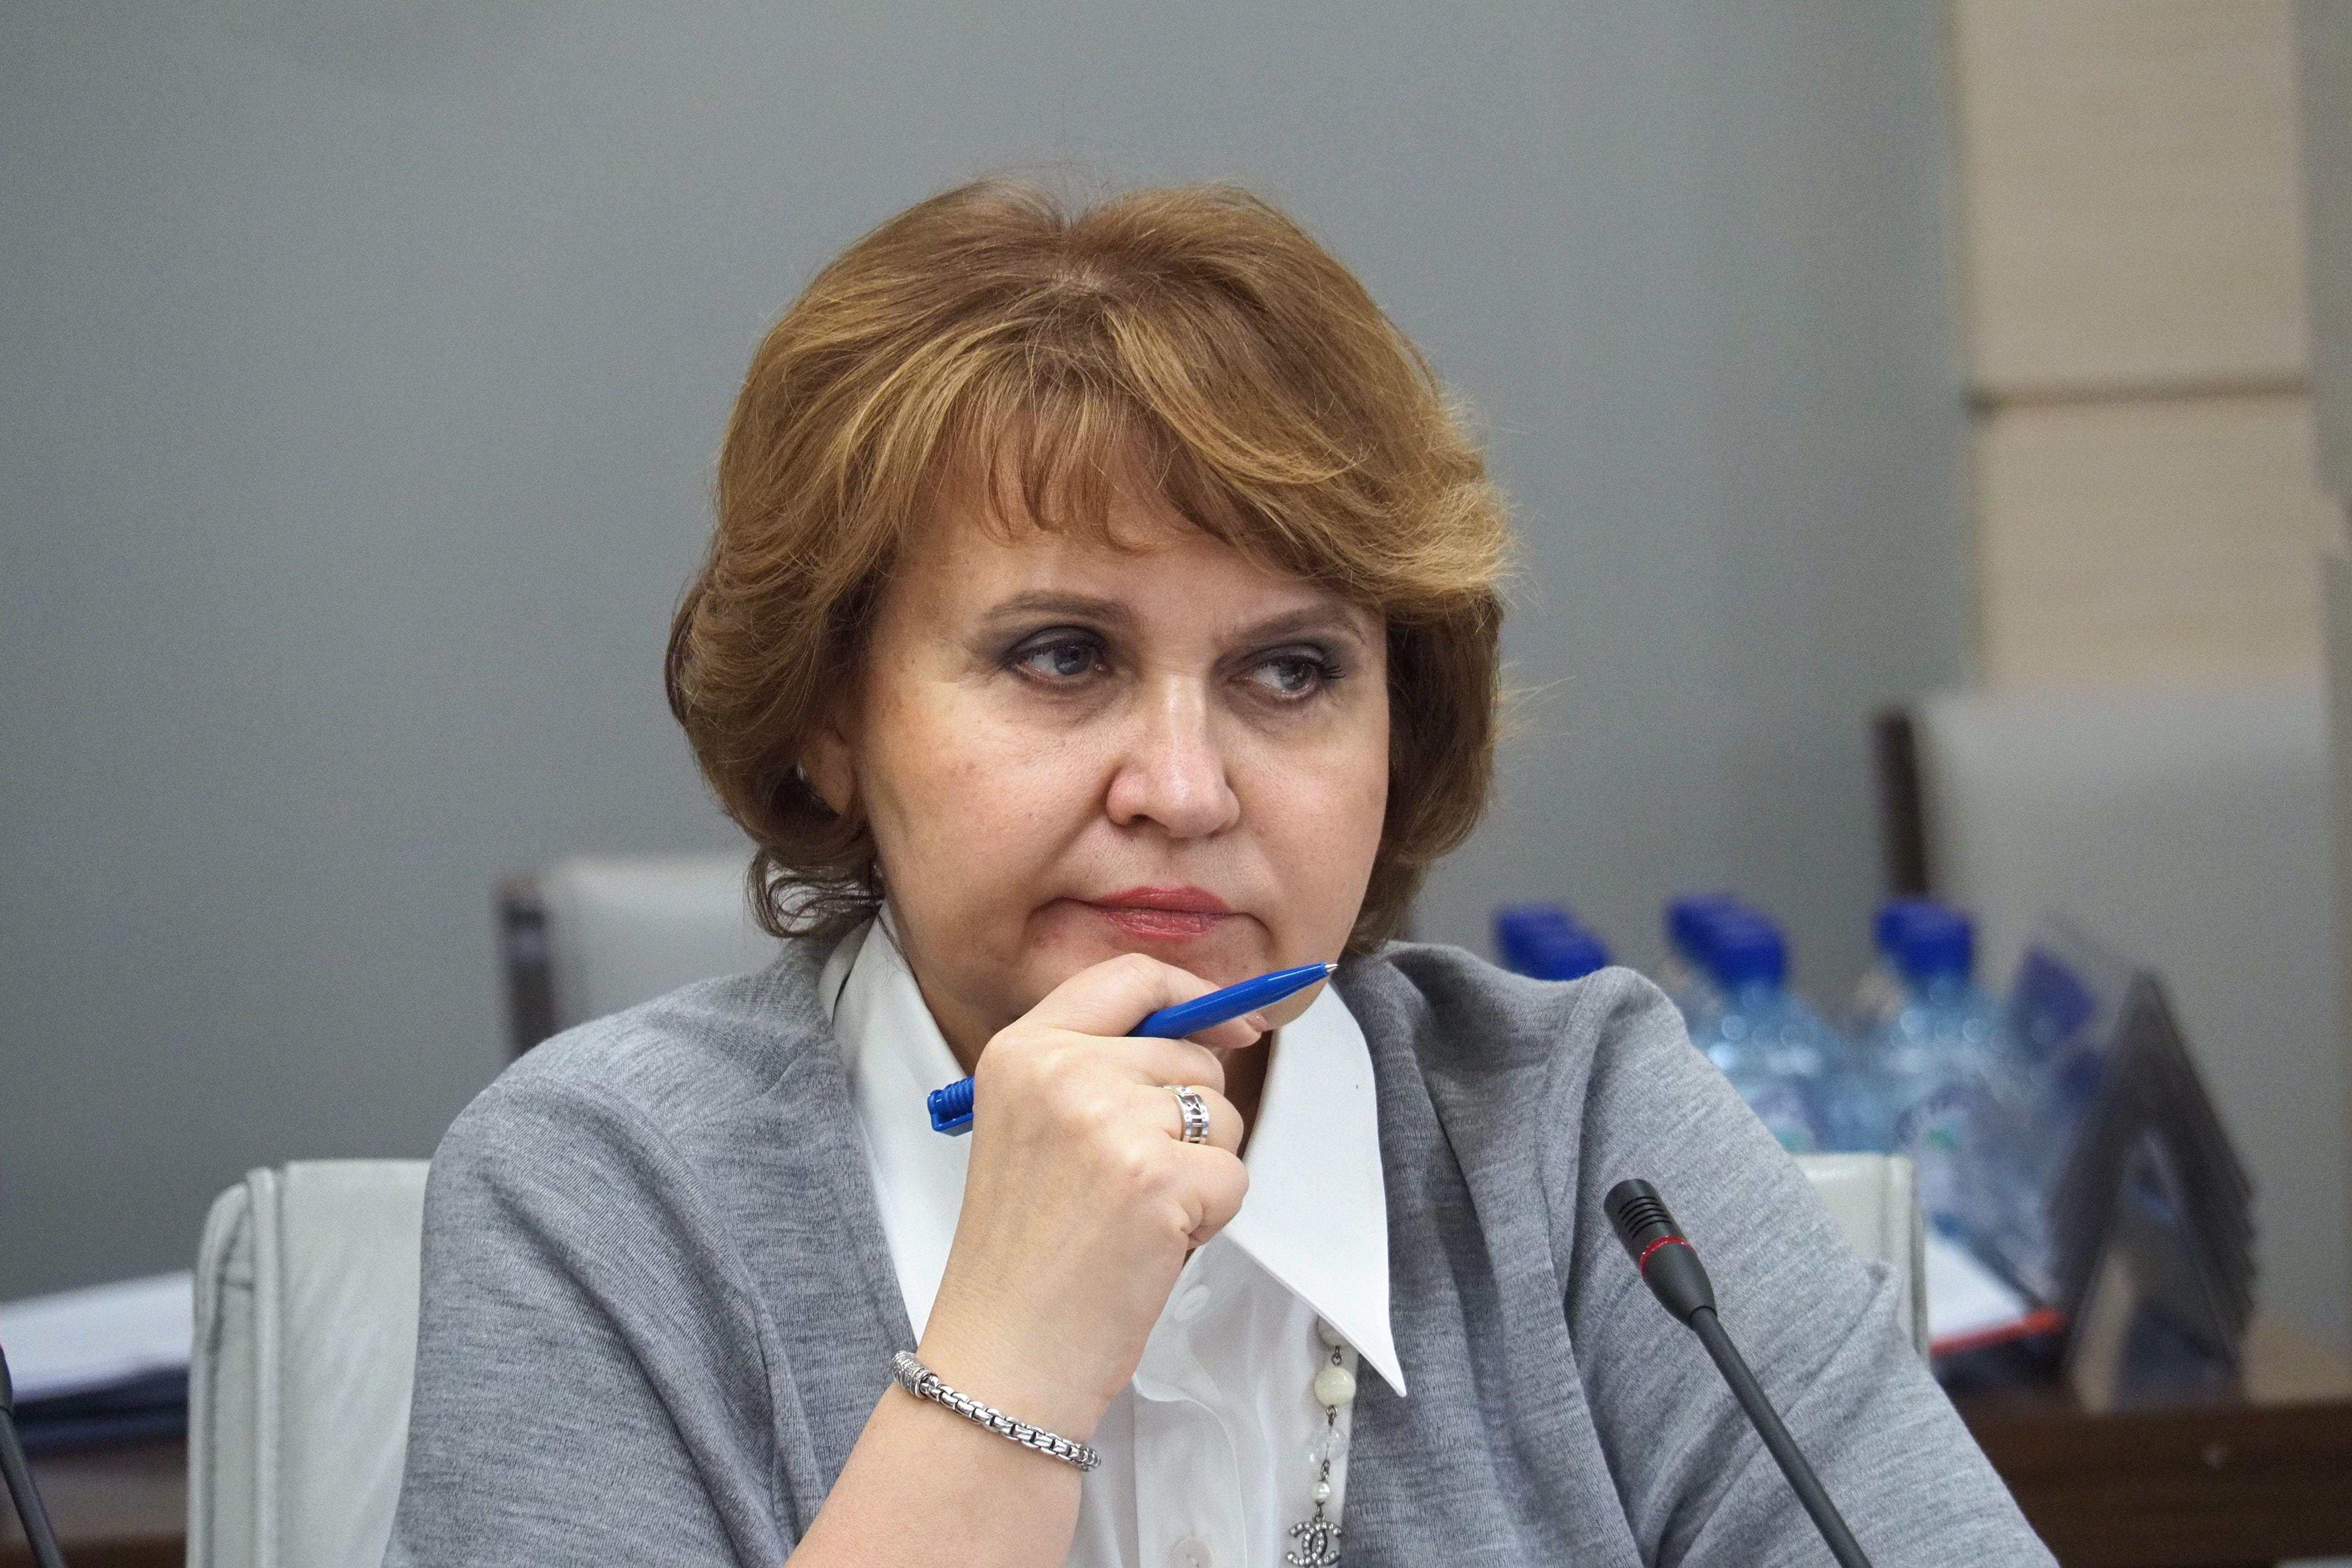 Депутат МГД Людмила Гусева: Москва выстроила оптимальную экономическую стратегию в борьбе с пандемией